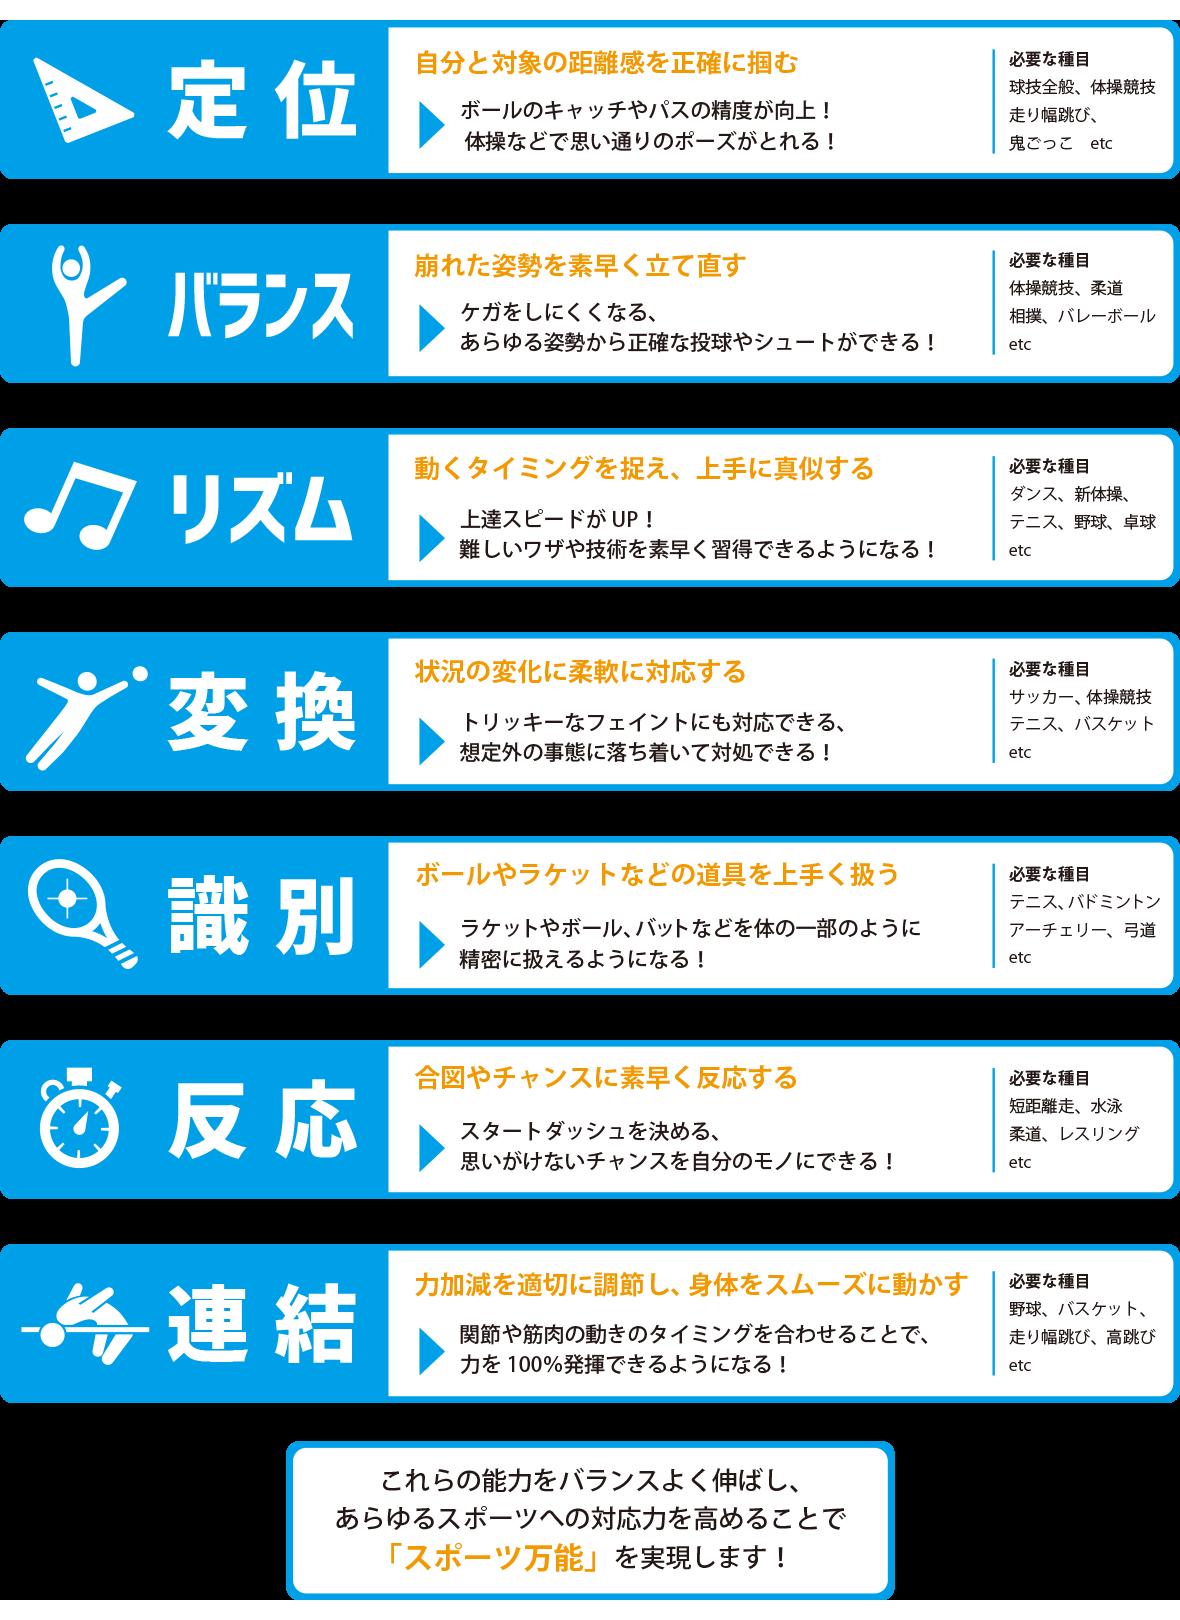 7つのコーディネーション能力の図